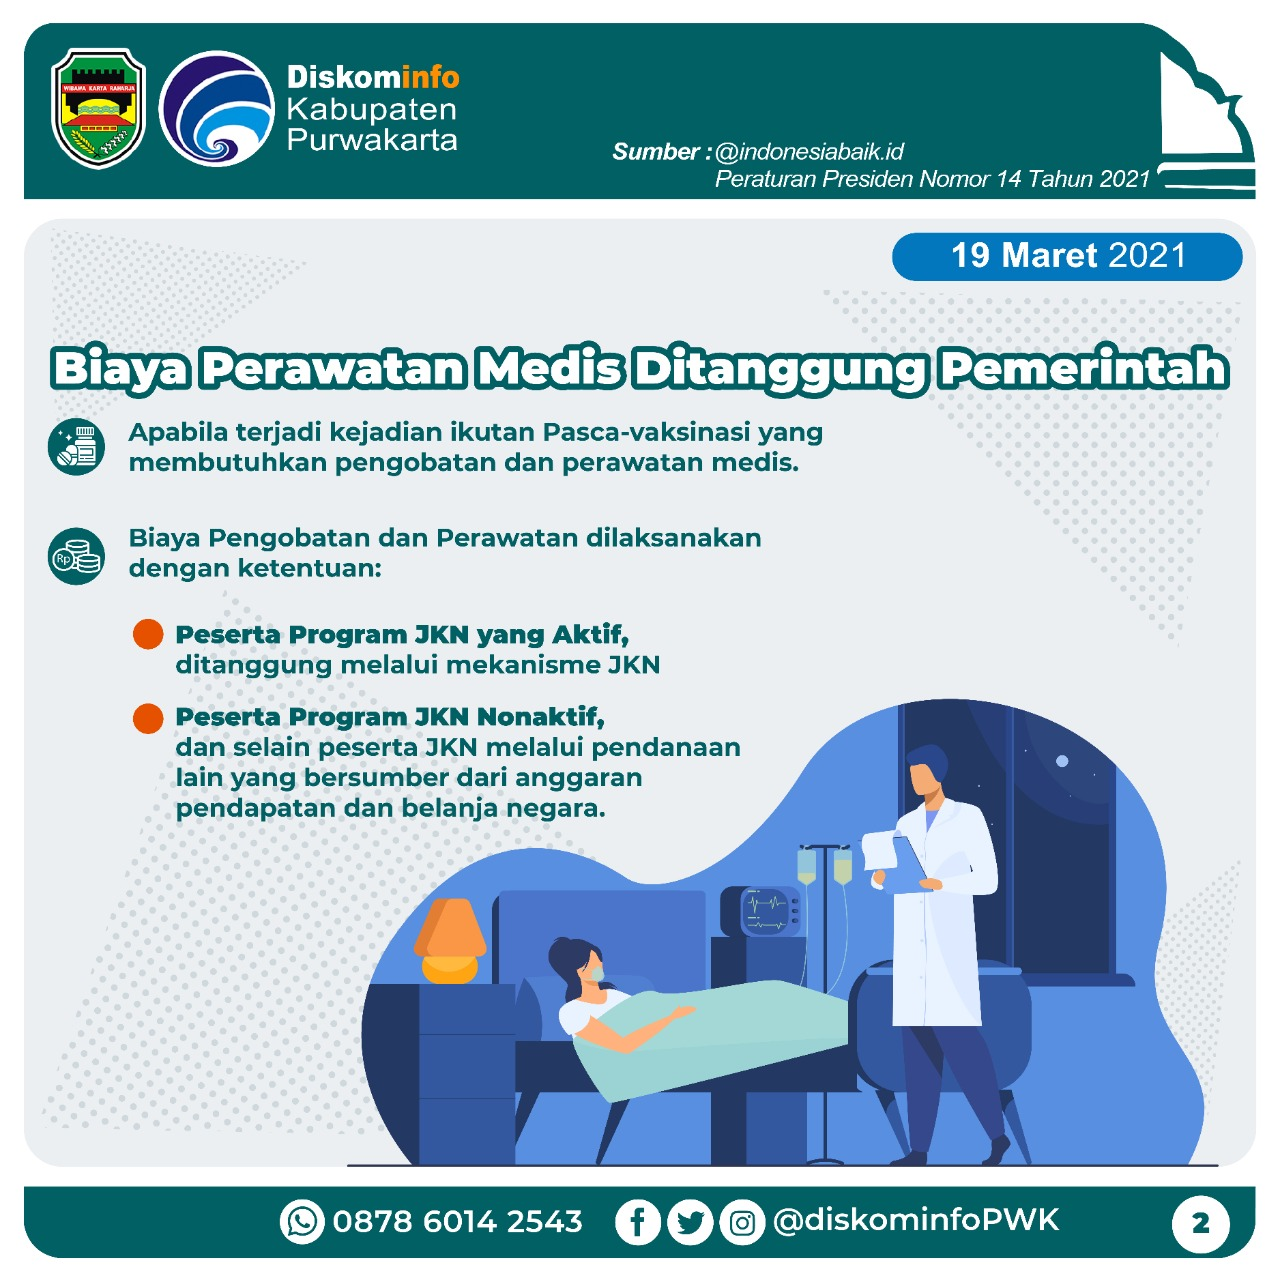 Biaya Perawatan Medis di Tanggung Pemerintah